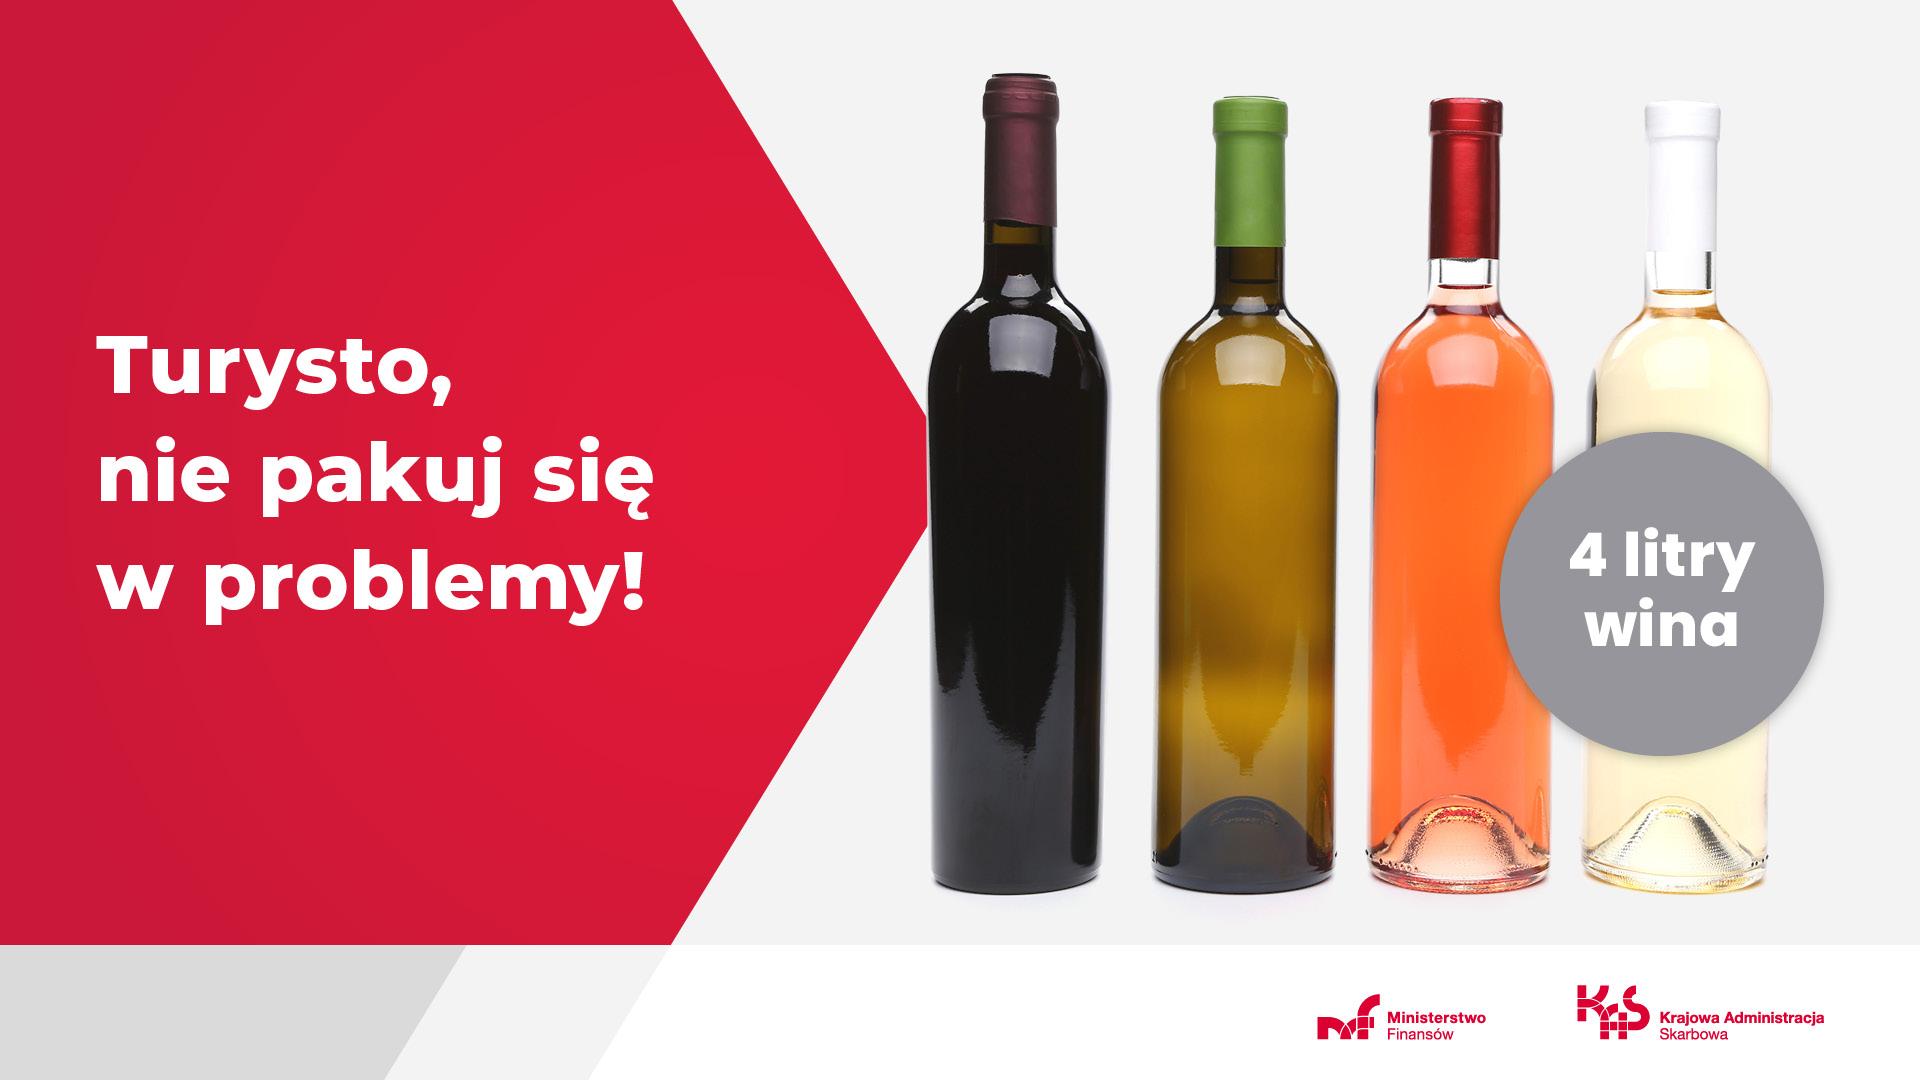 Turysto nie pakuj się w problemy! 4 litry wina.